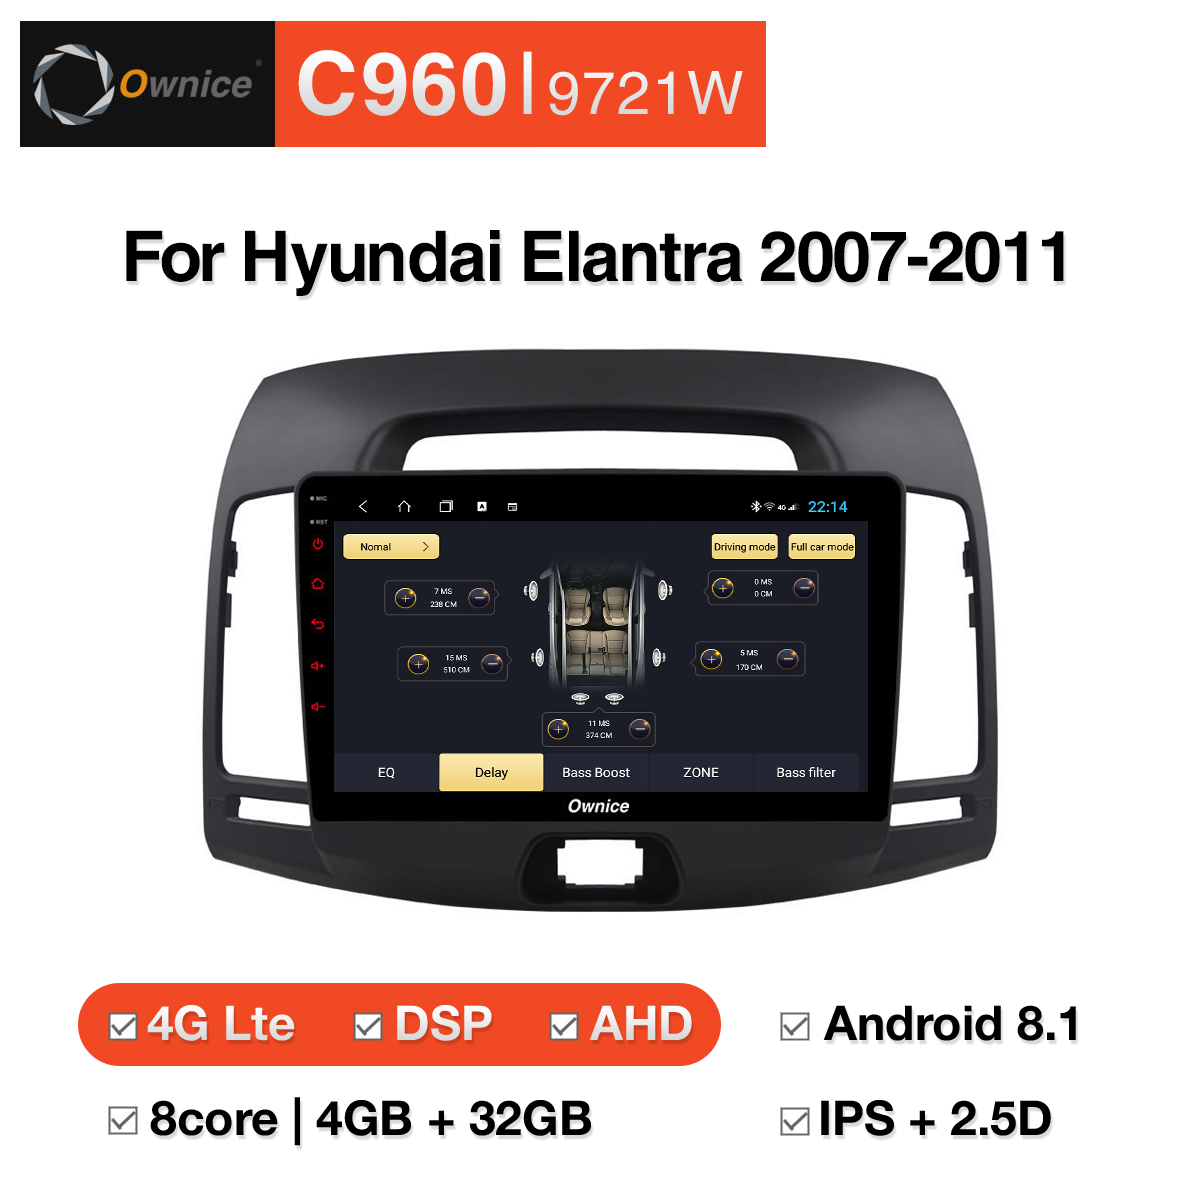 Đầu DVD android Ownice C960 cho xe ô tô Hyundai Elantra 2007-2011:: OL-9721W